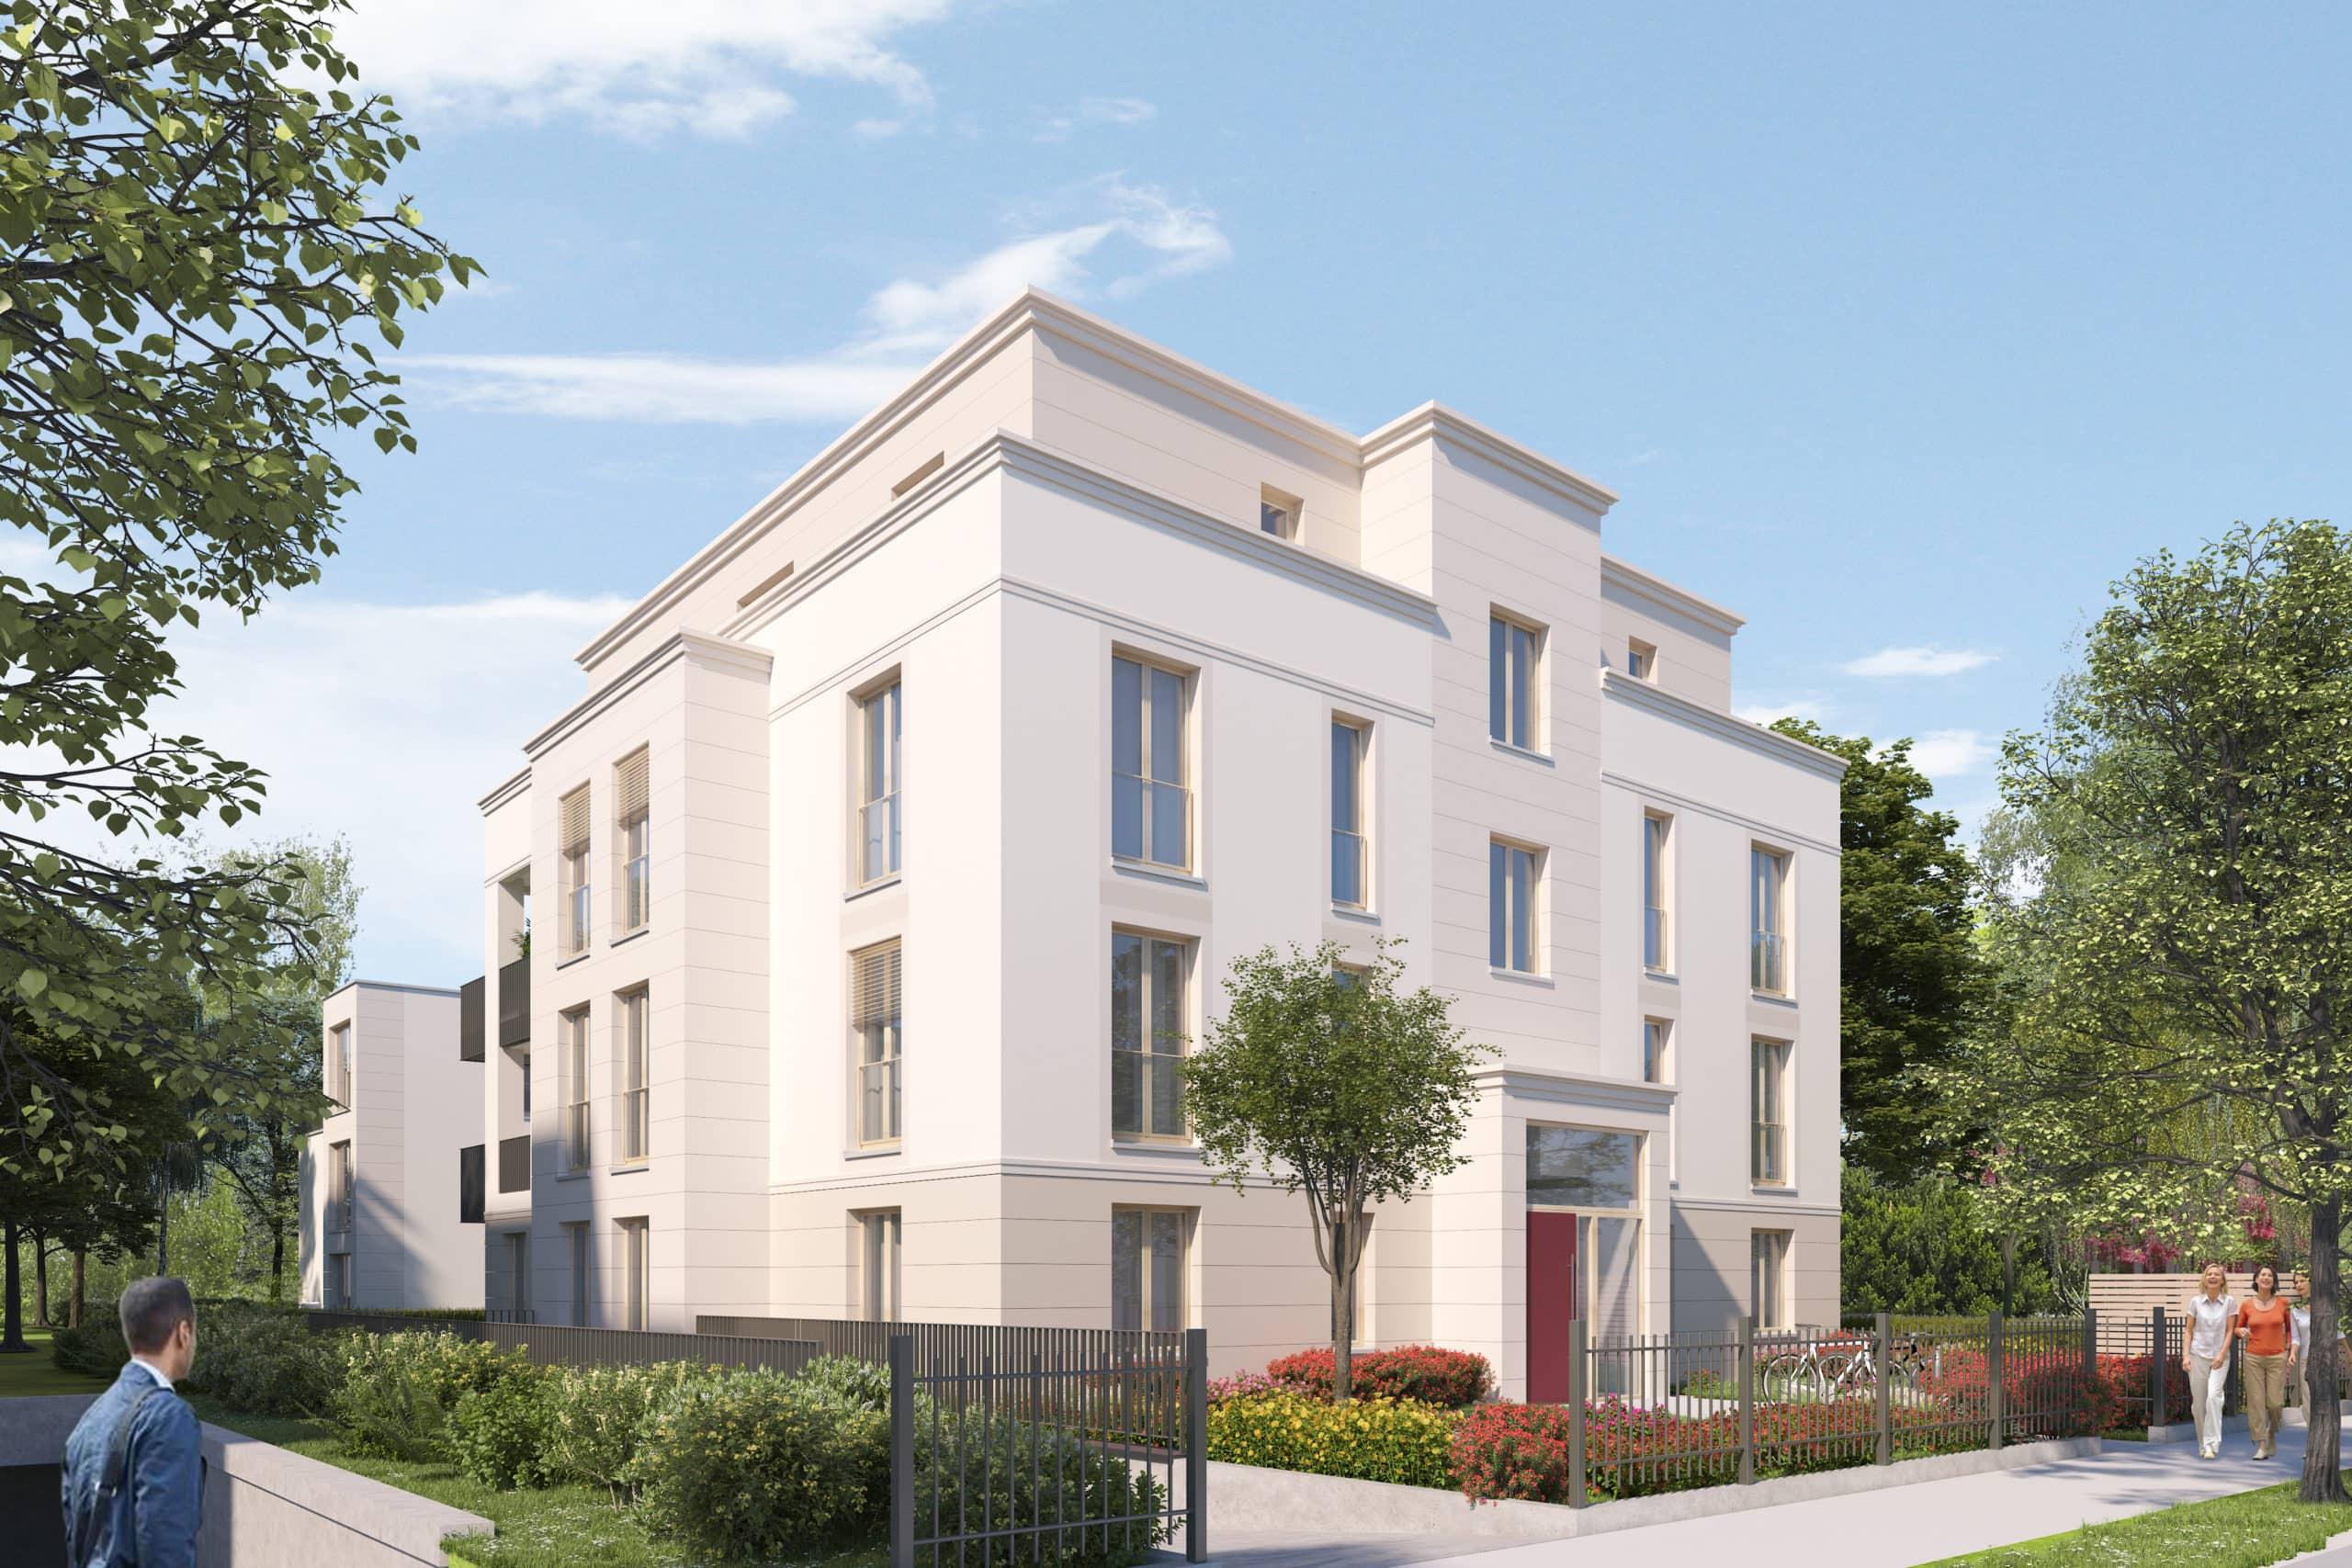 Bild Eigentumswohnung Heubnerstr. 18 a, b – Wohnung 02 mit Garten 1